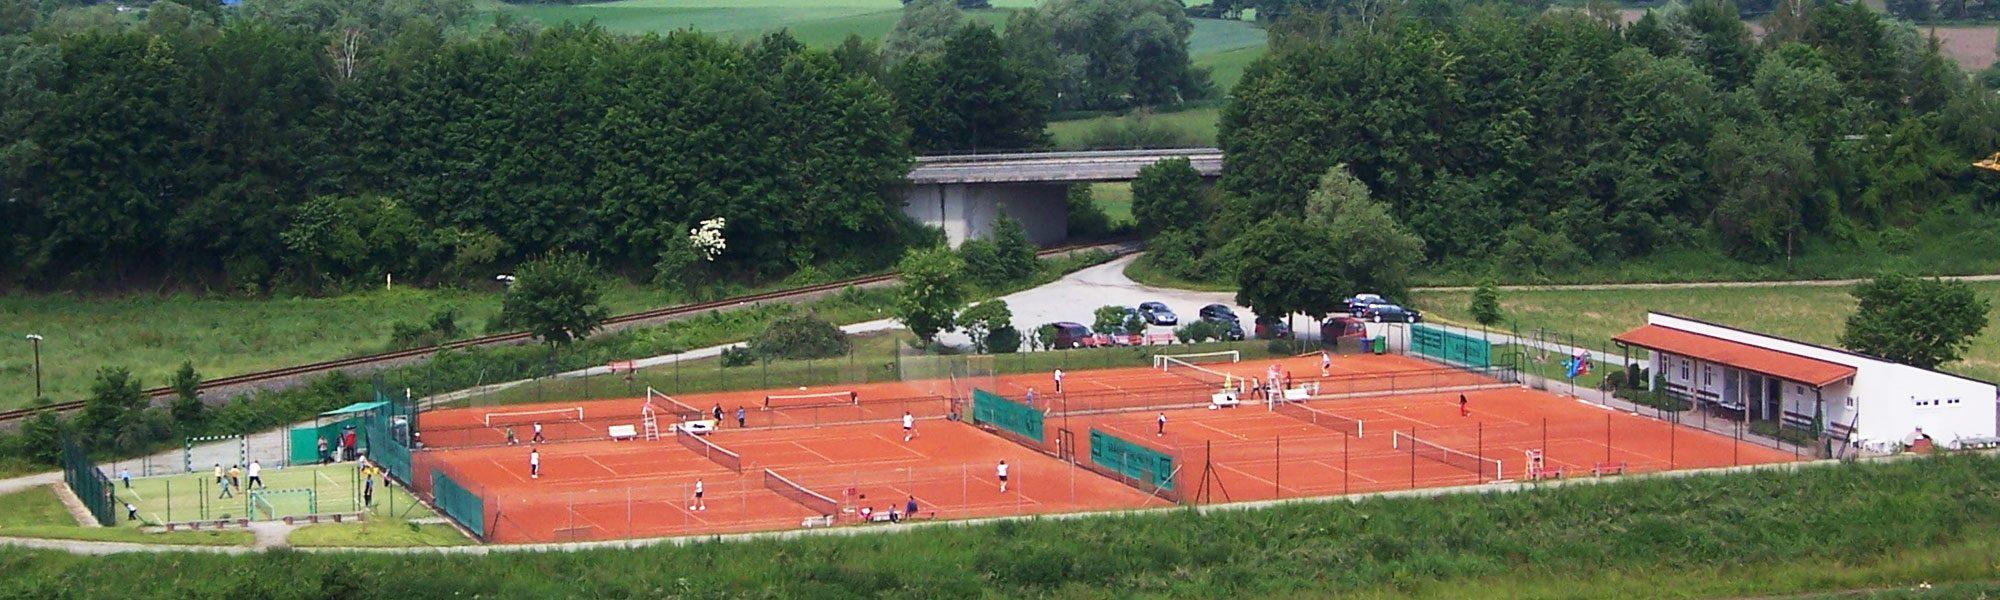 Tennis-Freiplätze TC Hengersberg